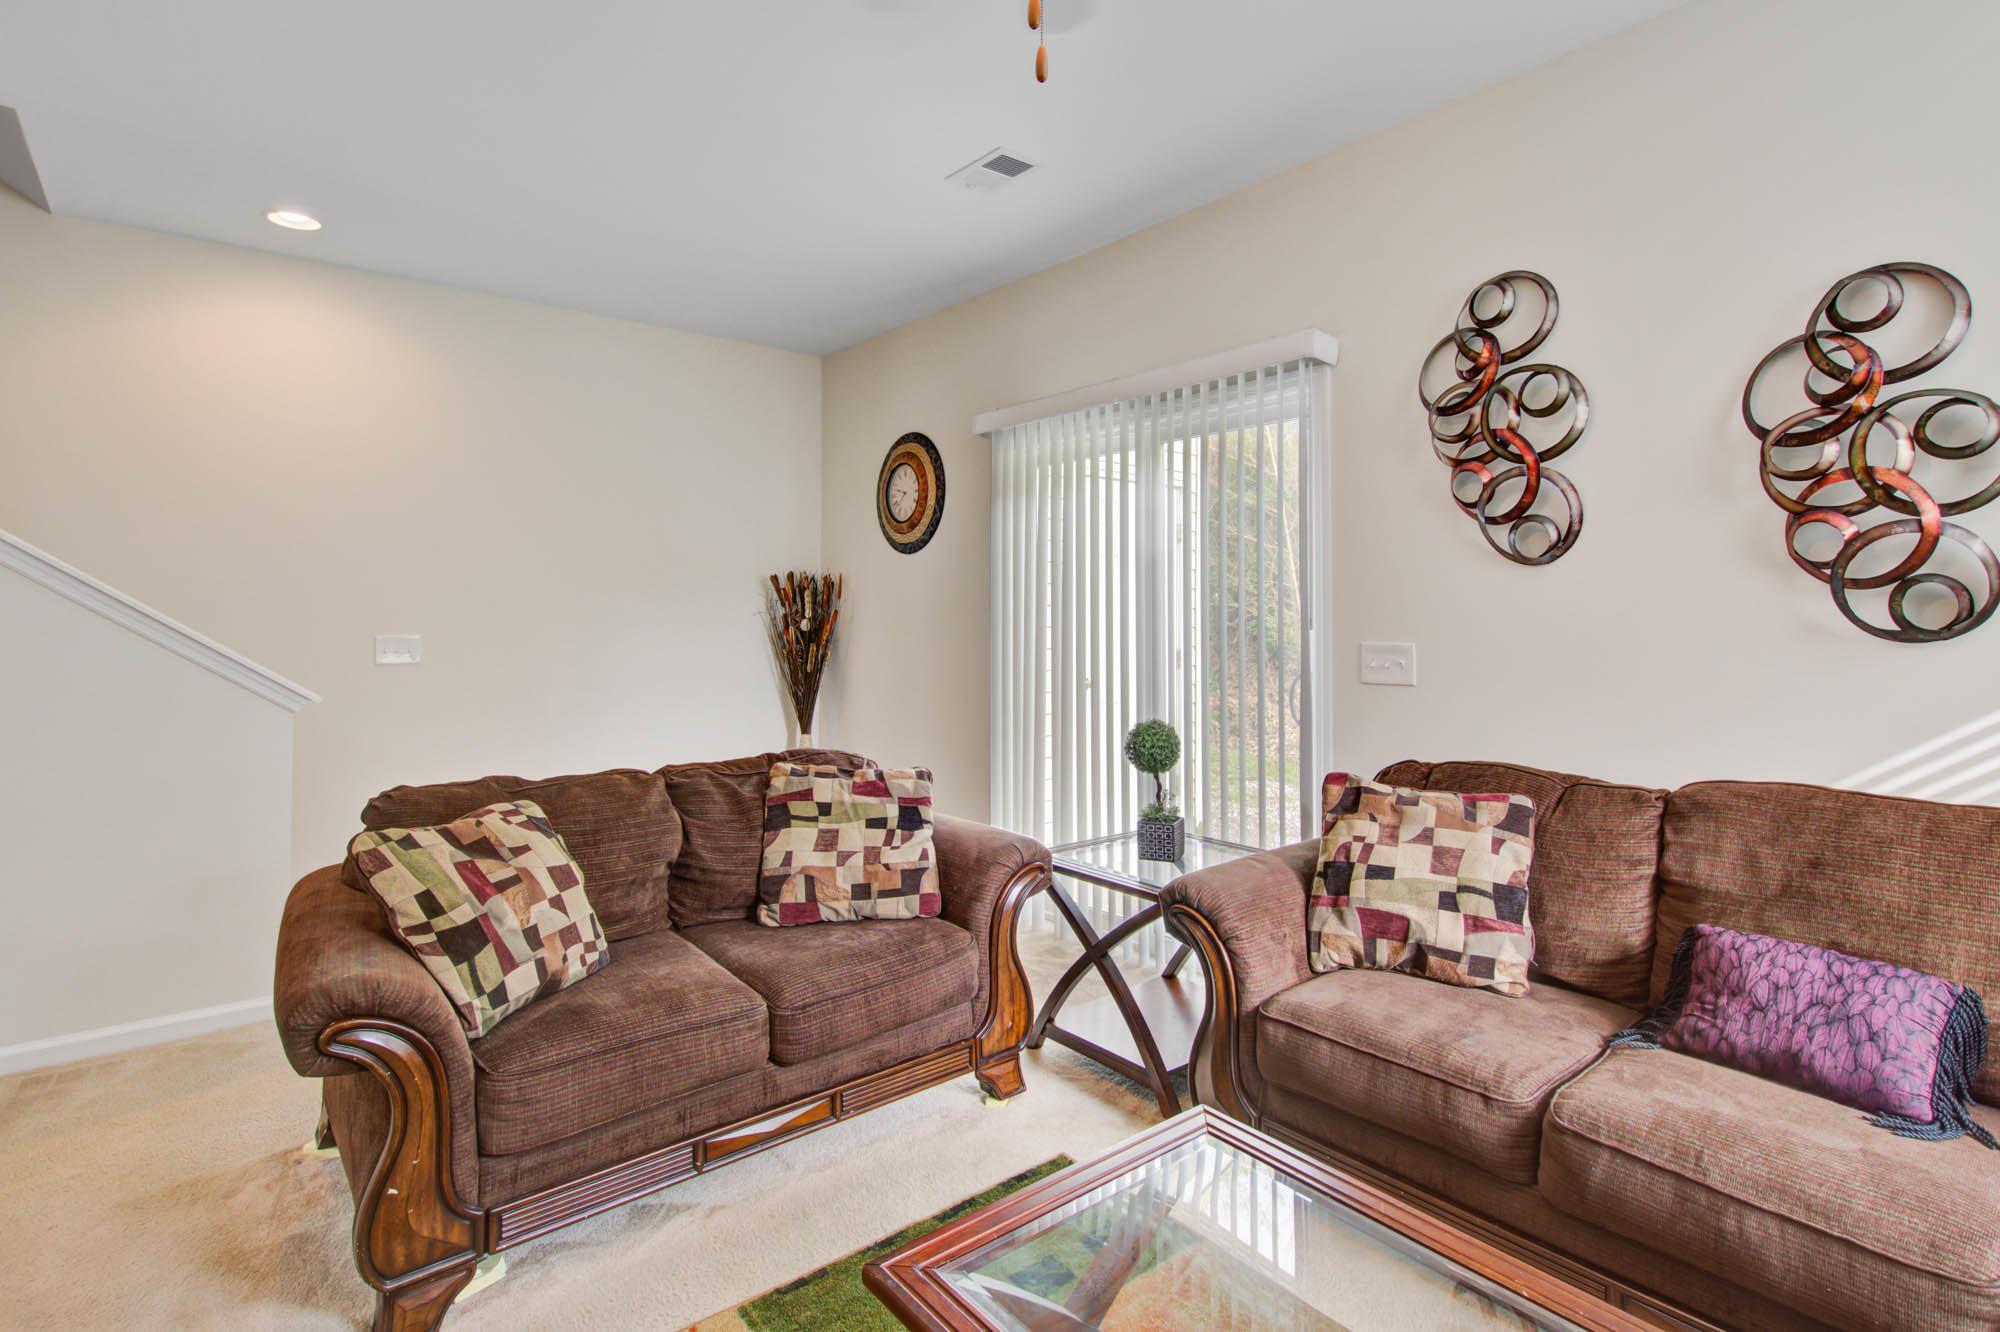 Hidden Palms Homes For Sale - 164 Hidden Palms, Summerville, SC - 8